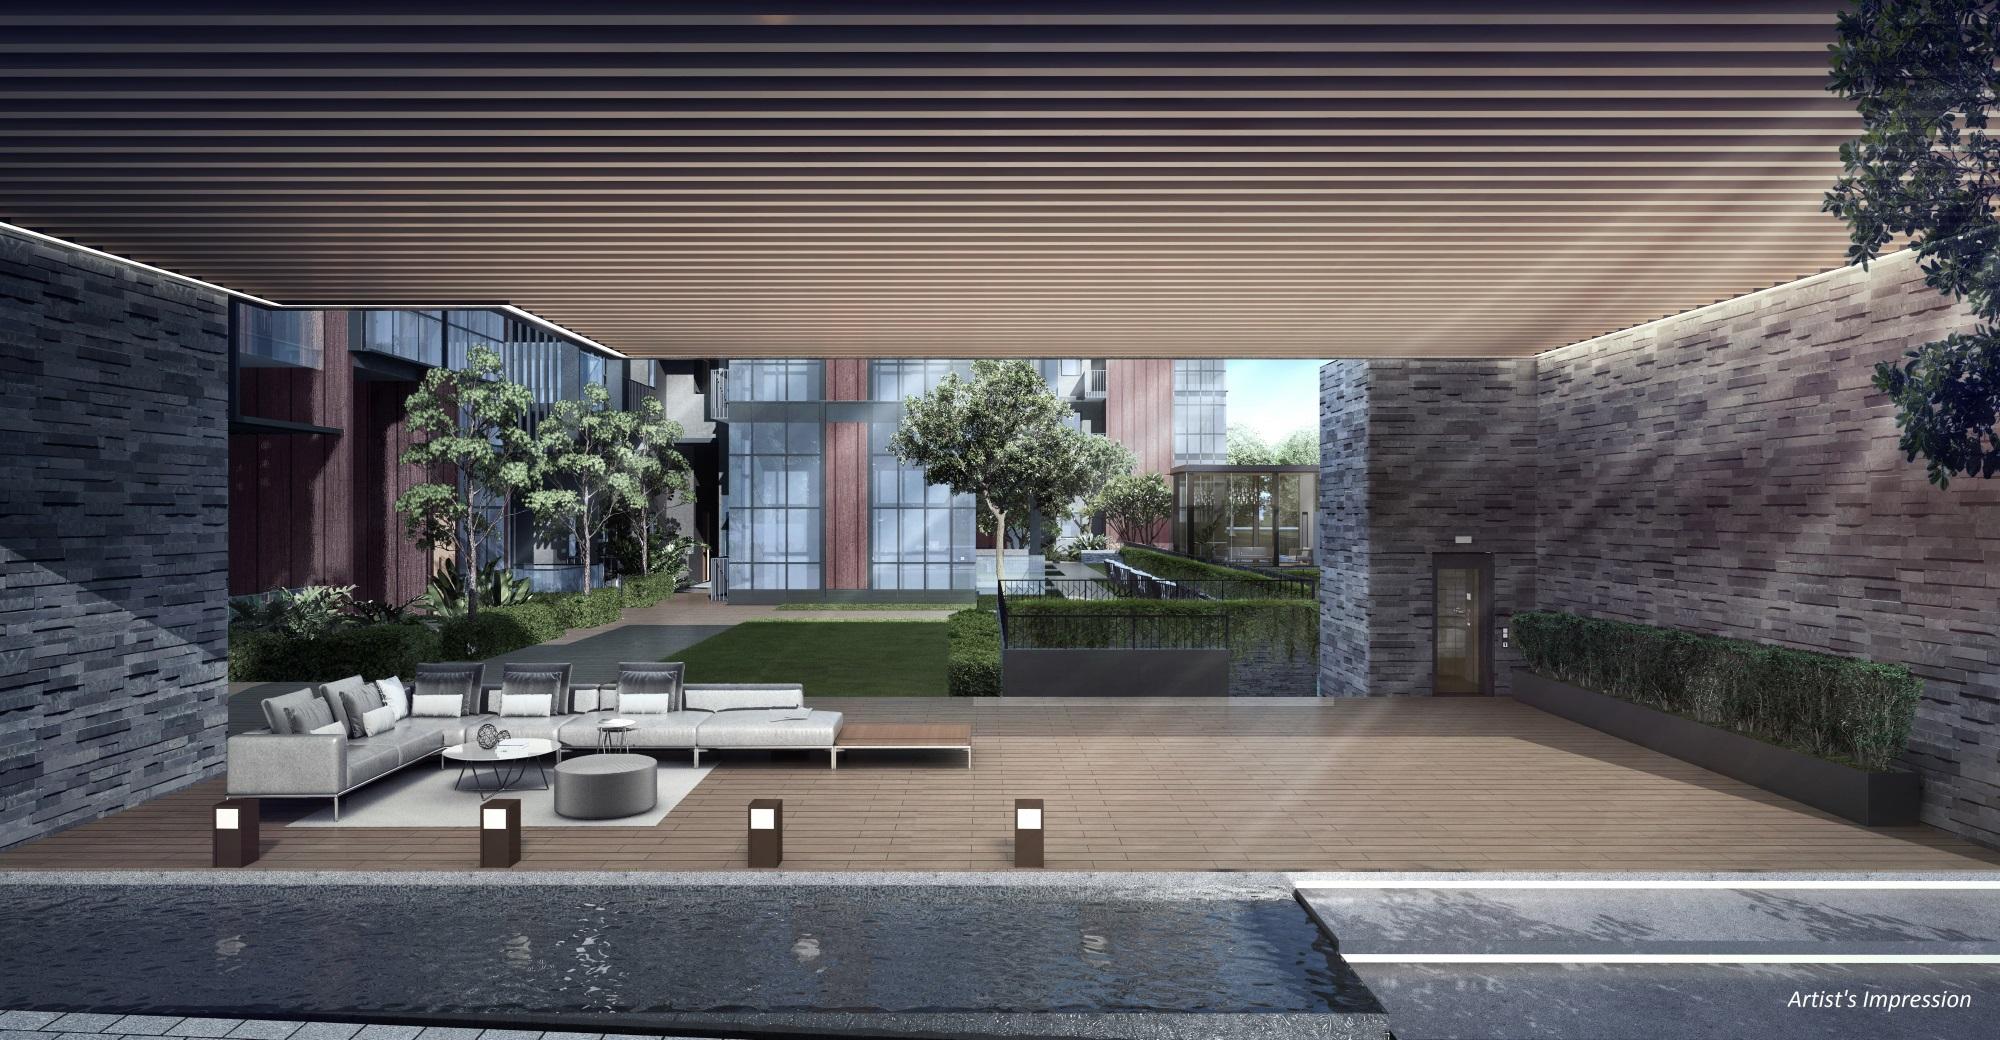 View at Kismis image